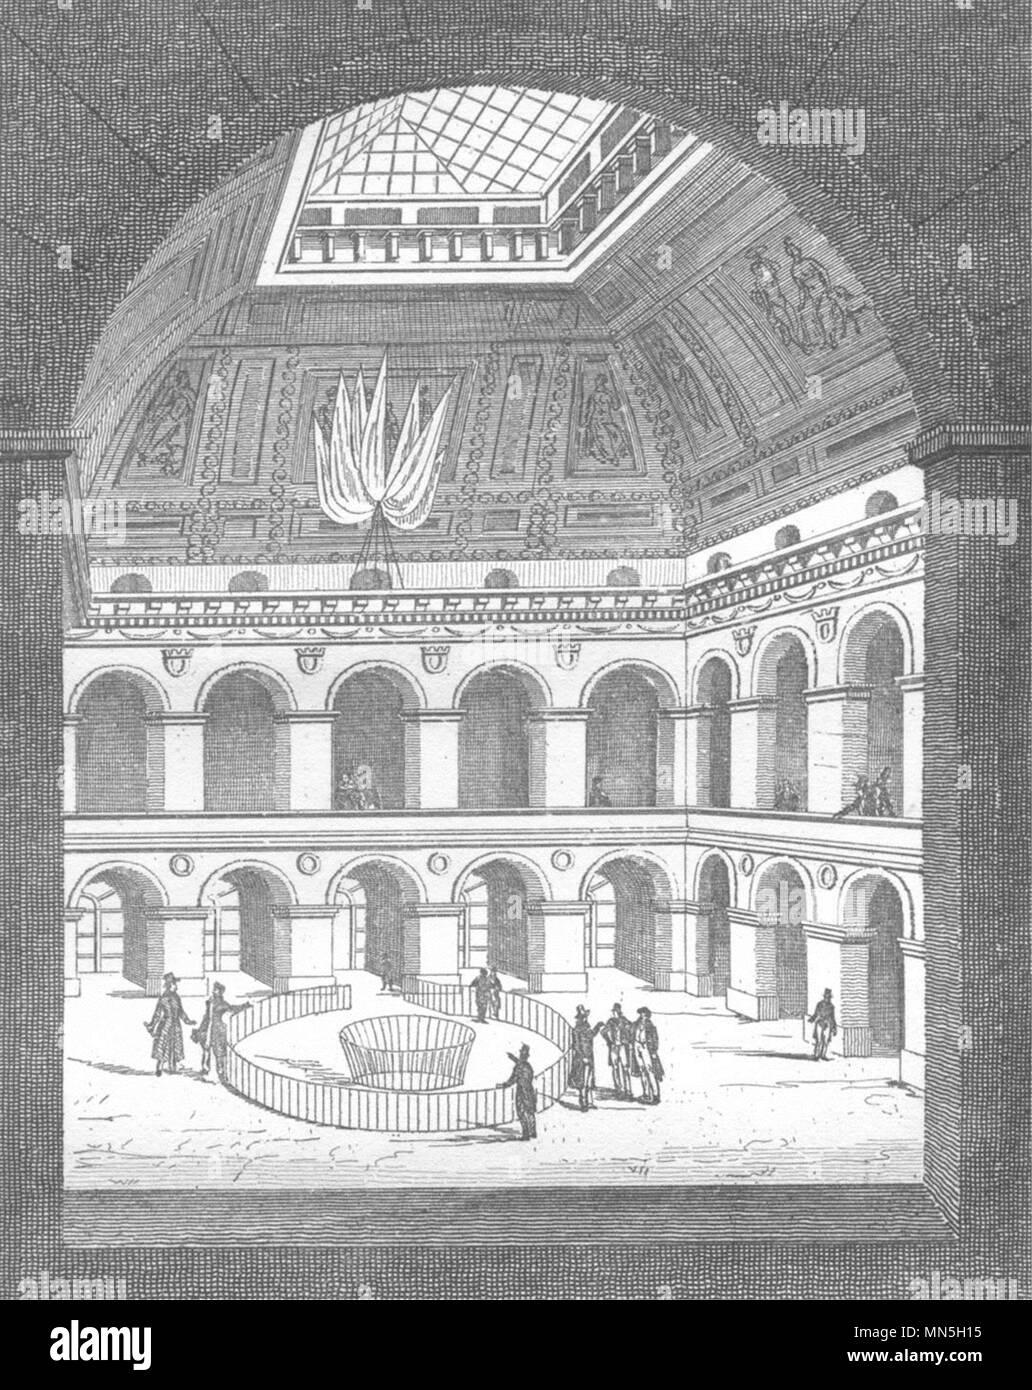 París. La Bolsa de París, Interieur 1835 antigüedades vintage imprimir imagen Foto de stock